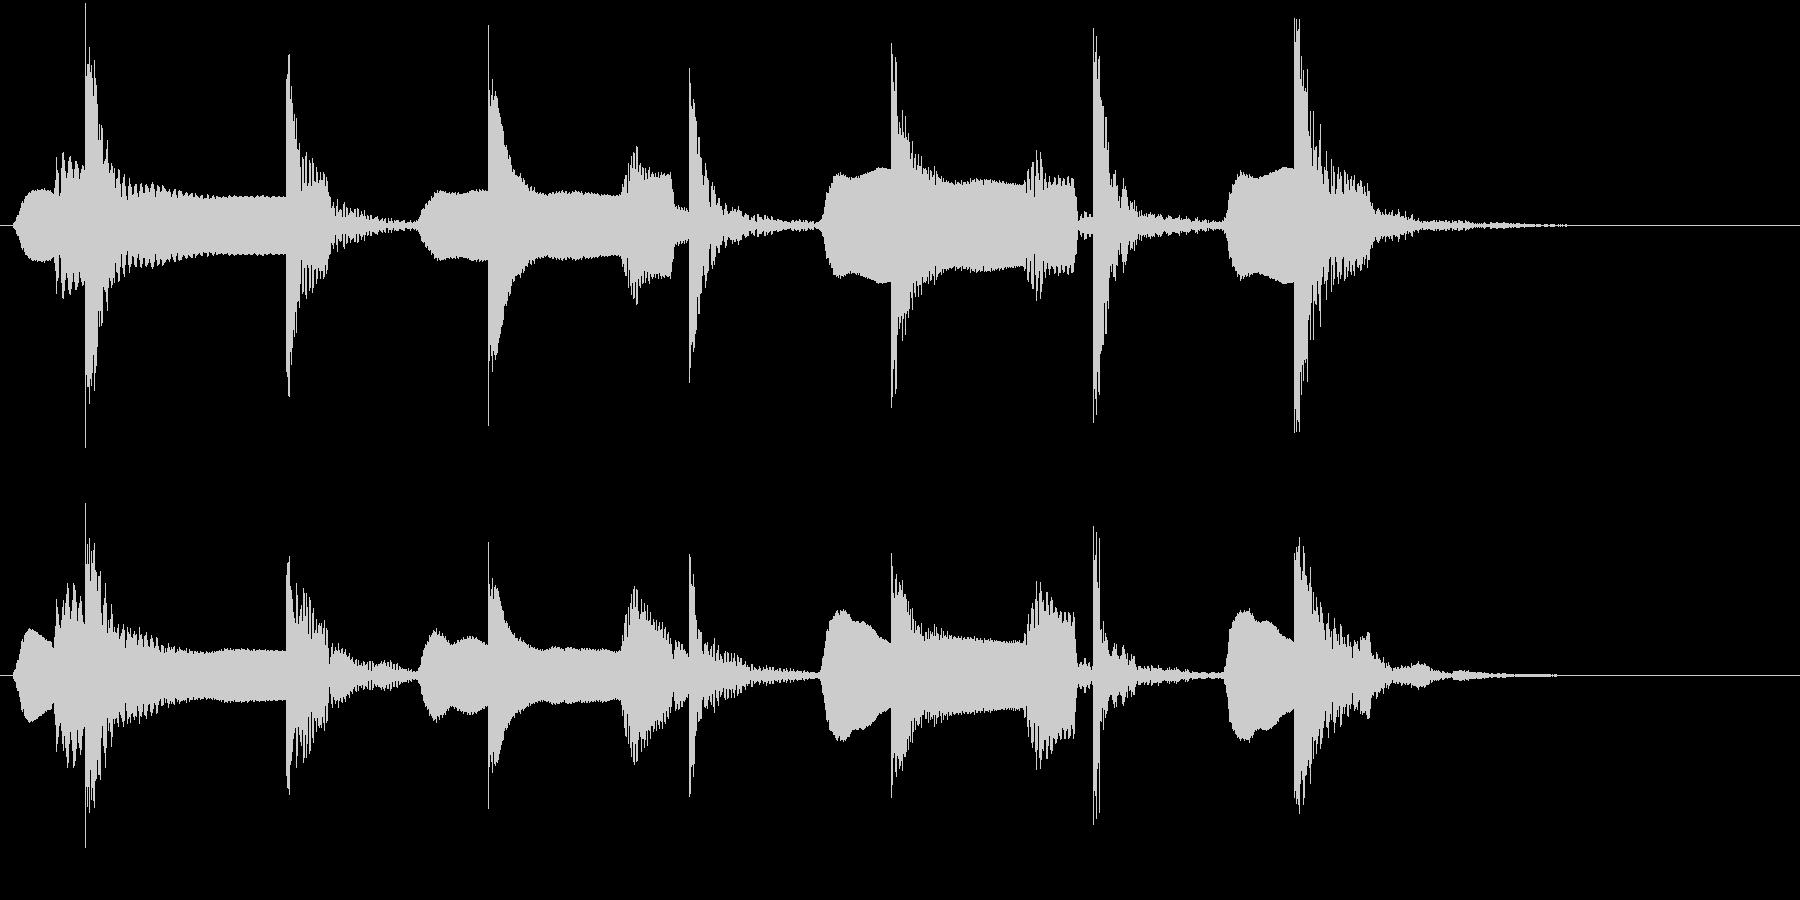 木琴とリコーダーの可愛らしいジングルの未再生の波形